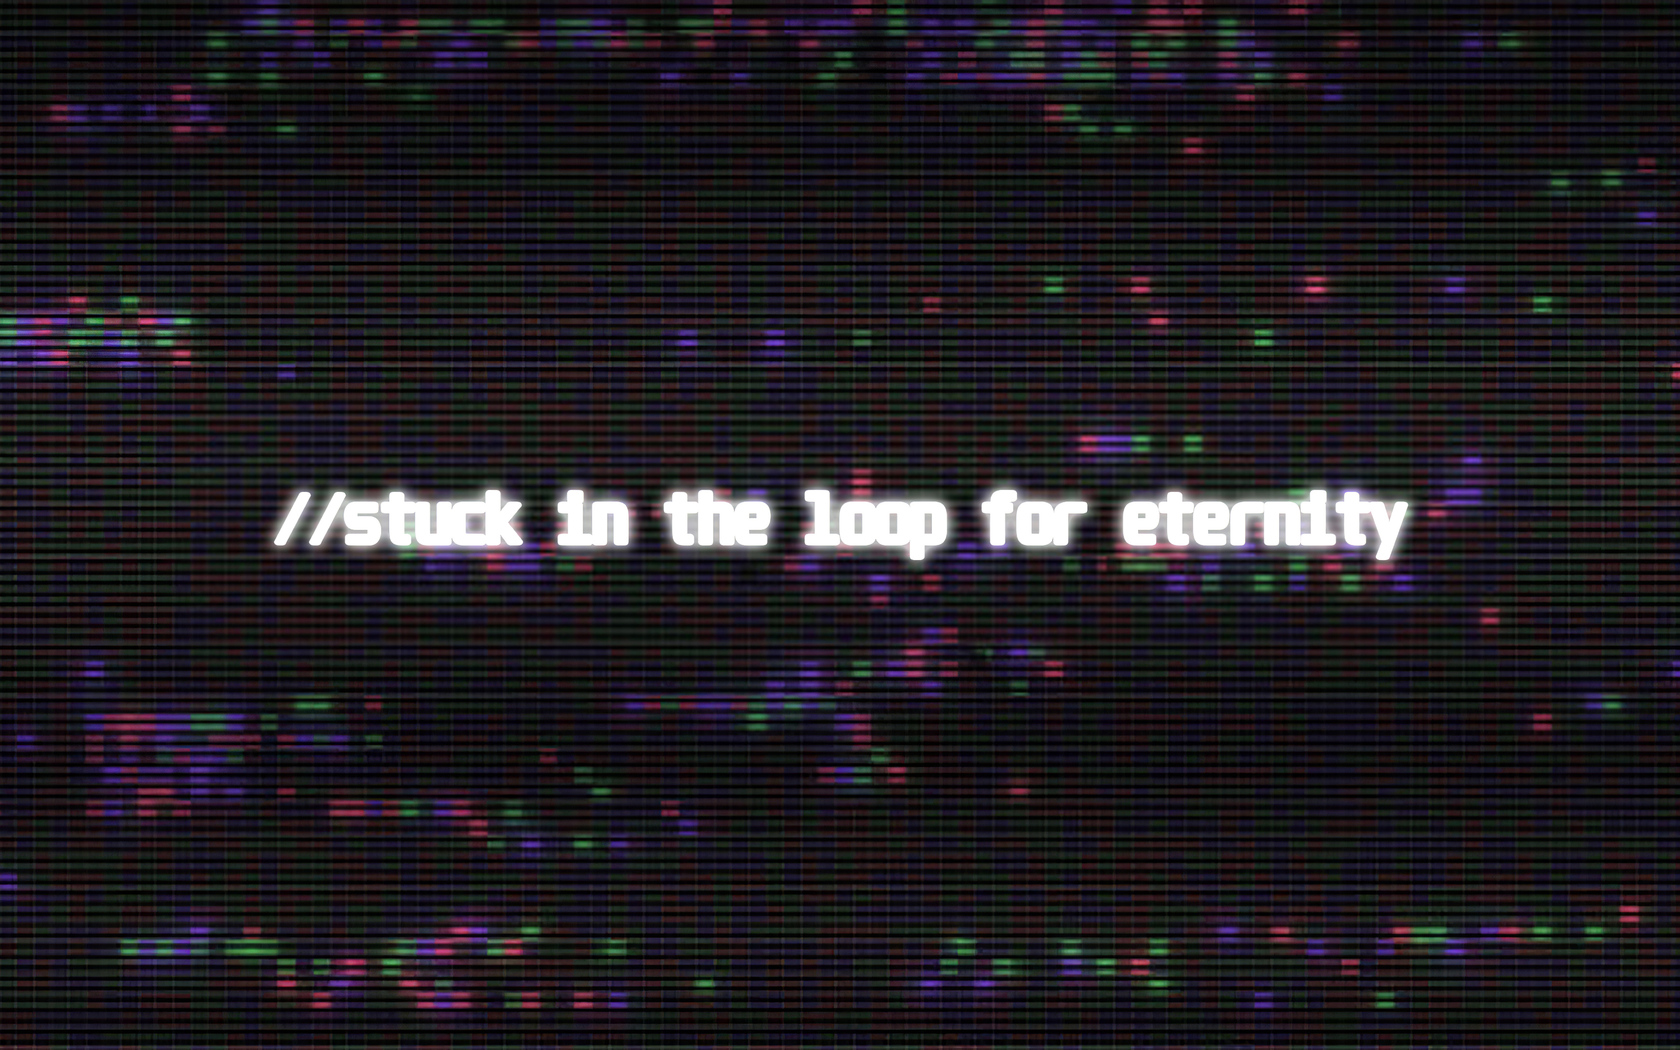 stuck-in-the-loop-for-eternity-4k-uq.jpg